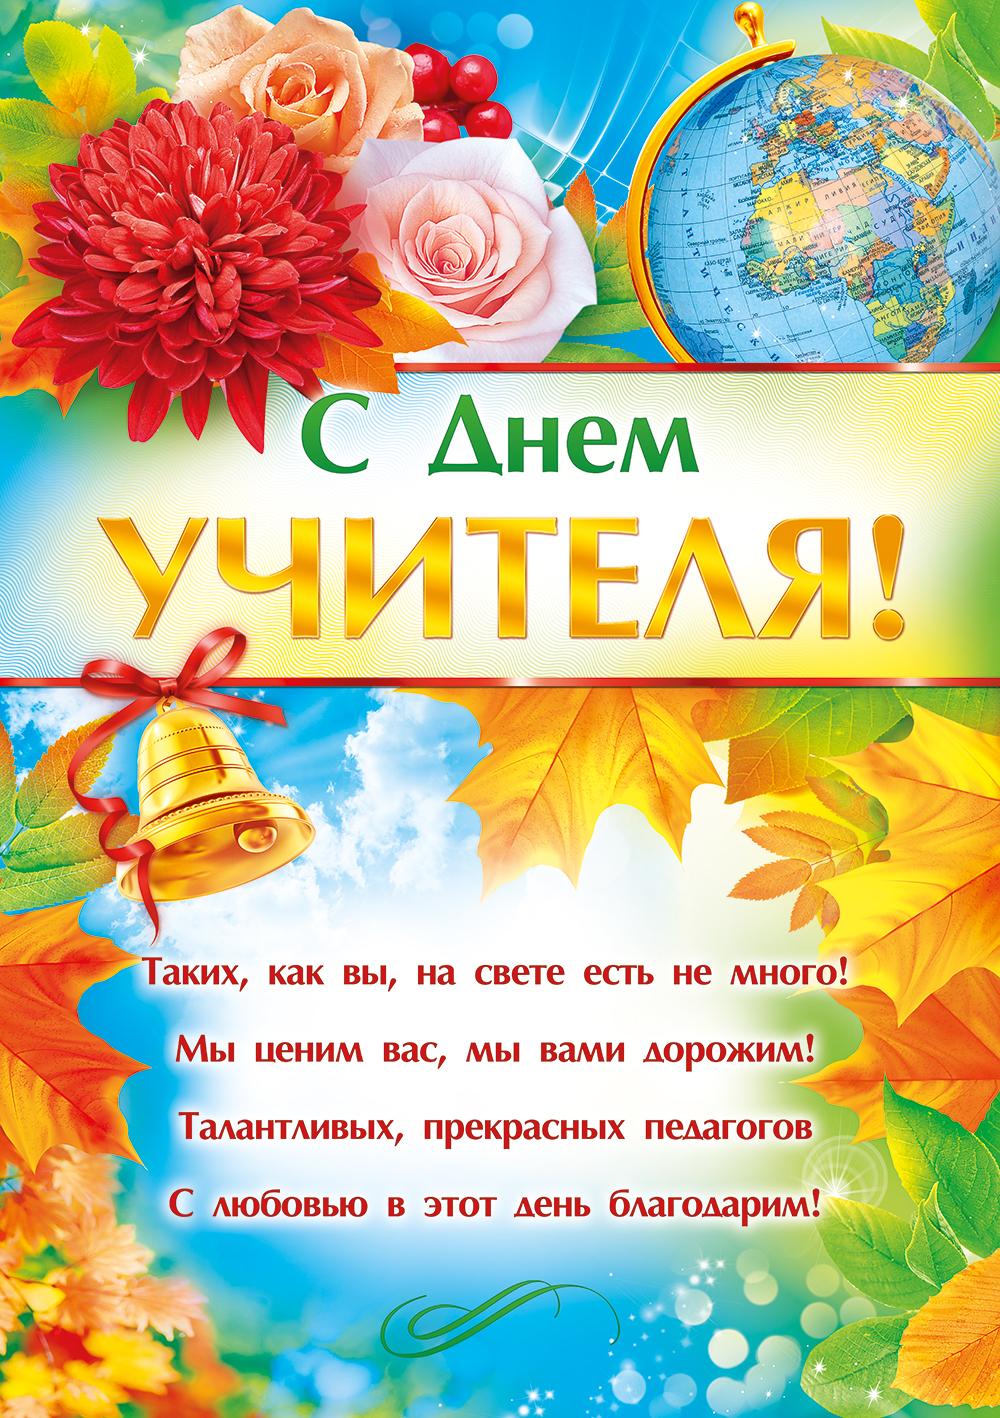 открытки для день учителя